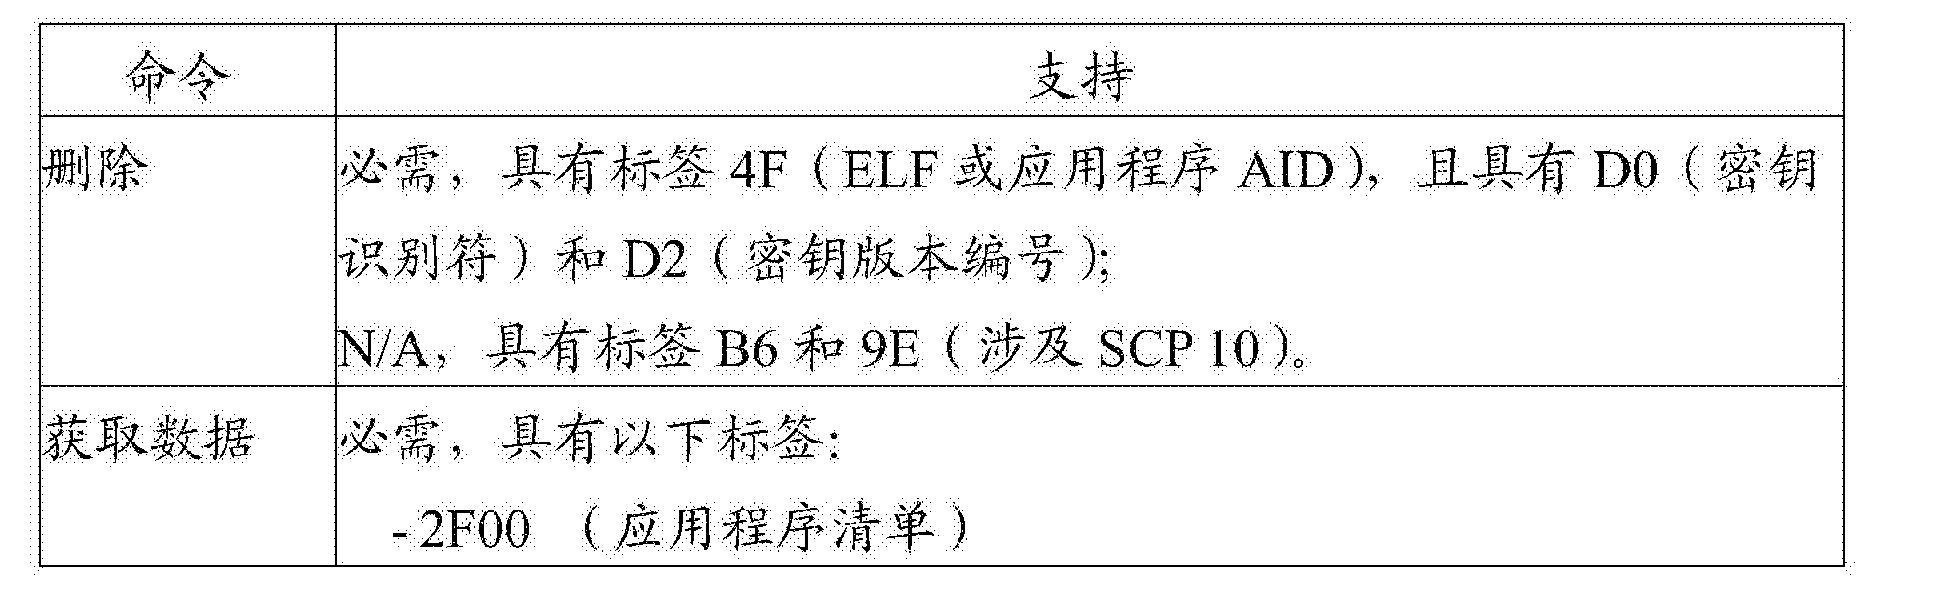 Figure CN104395909BD00202